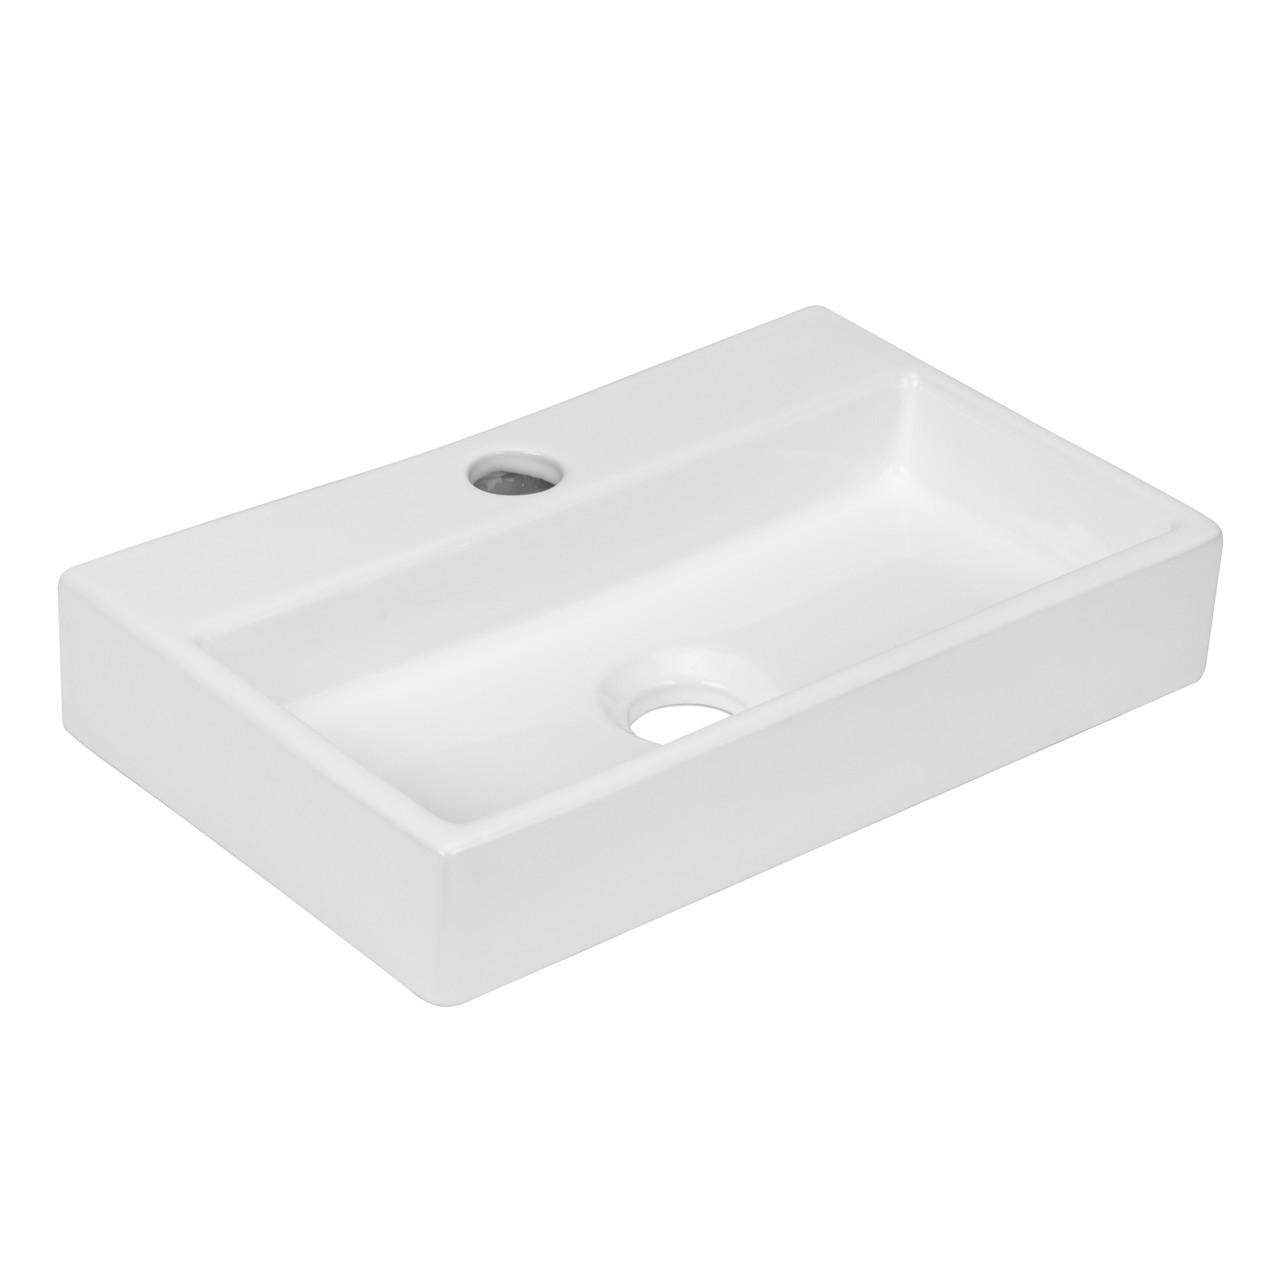 Раковина прямоугольный с отверстием под смеситель Volle 13-01-11 белый